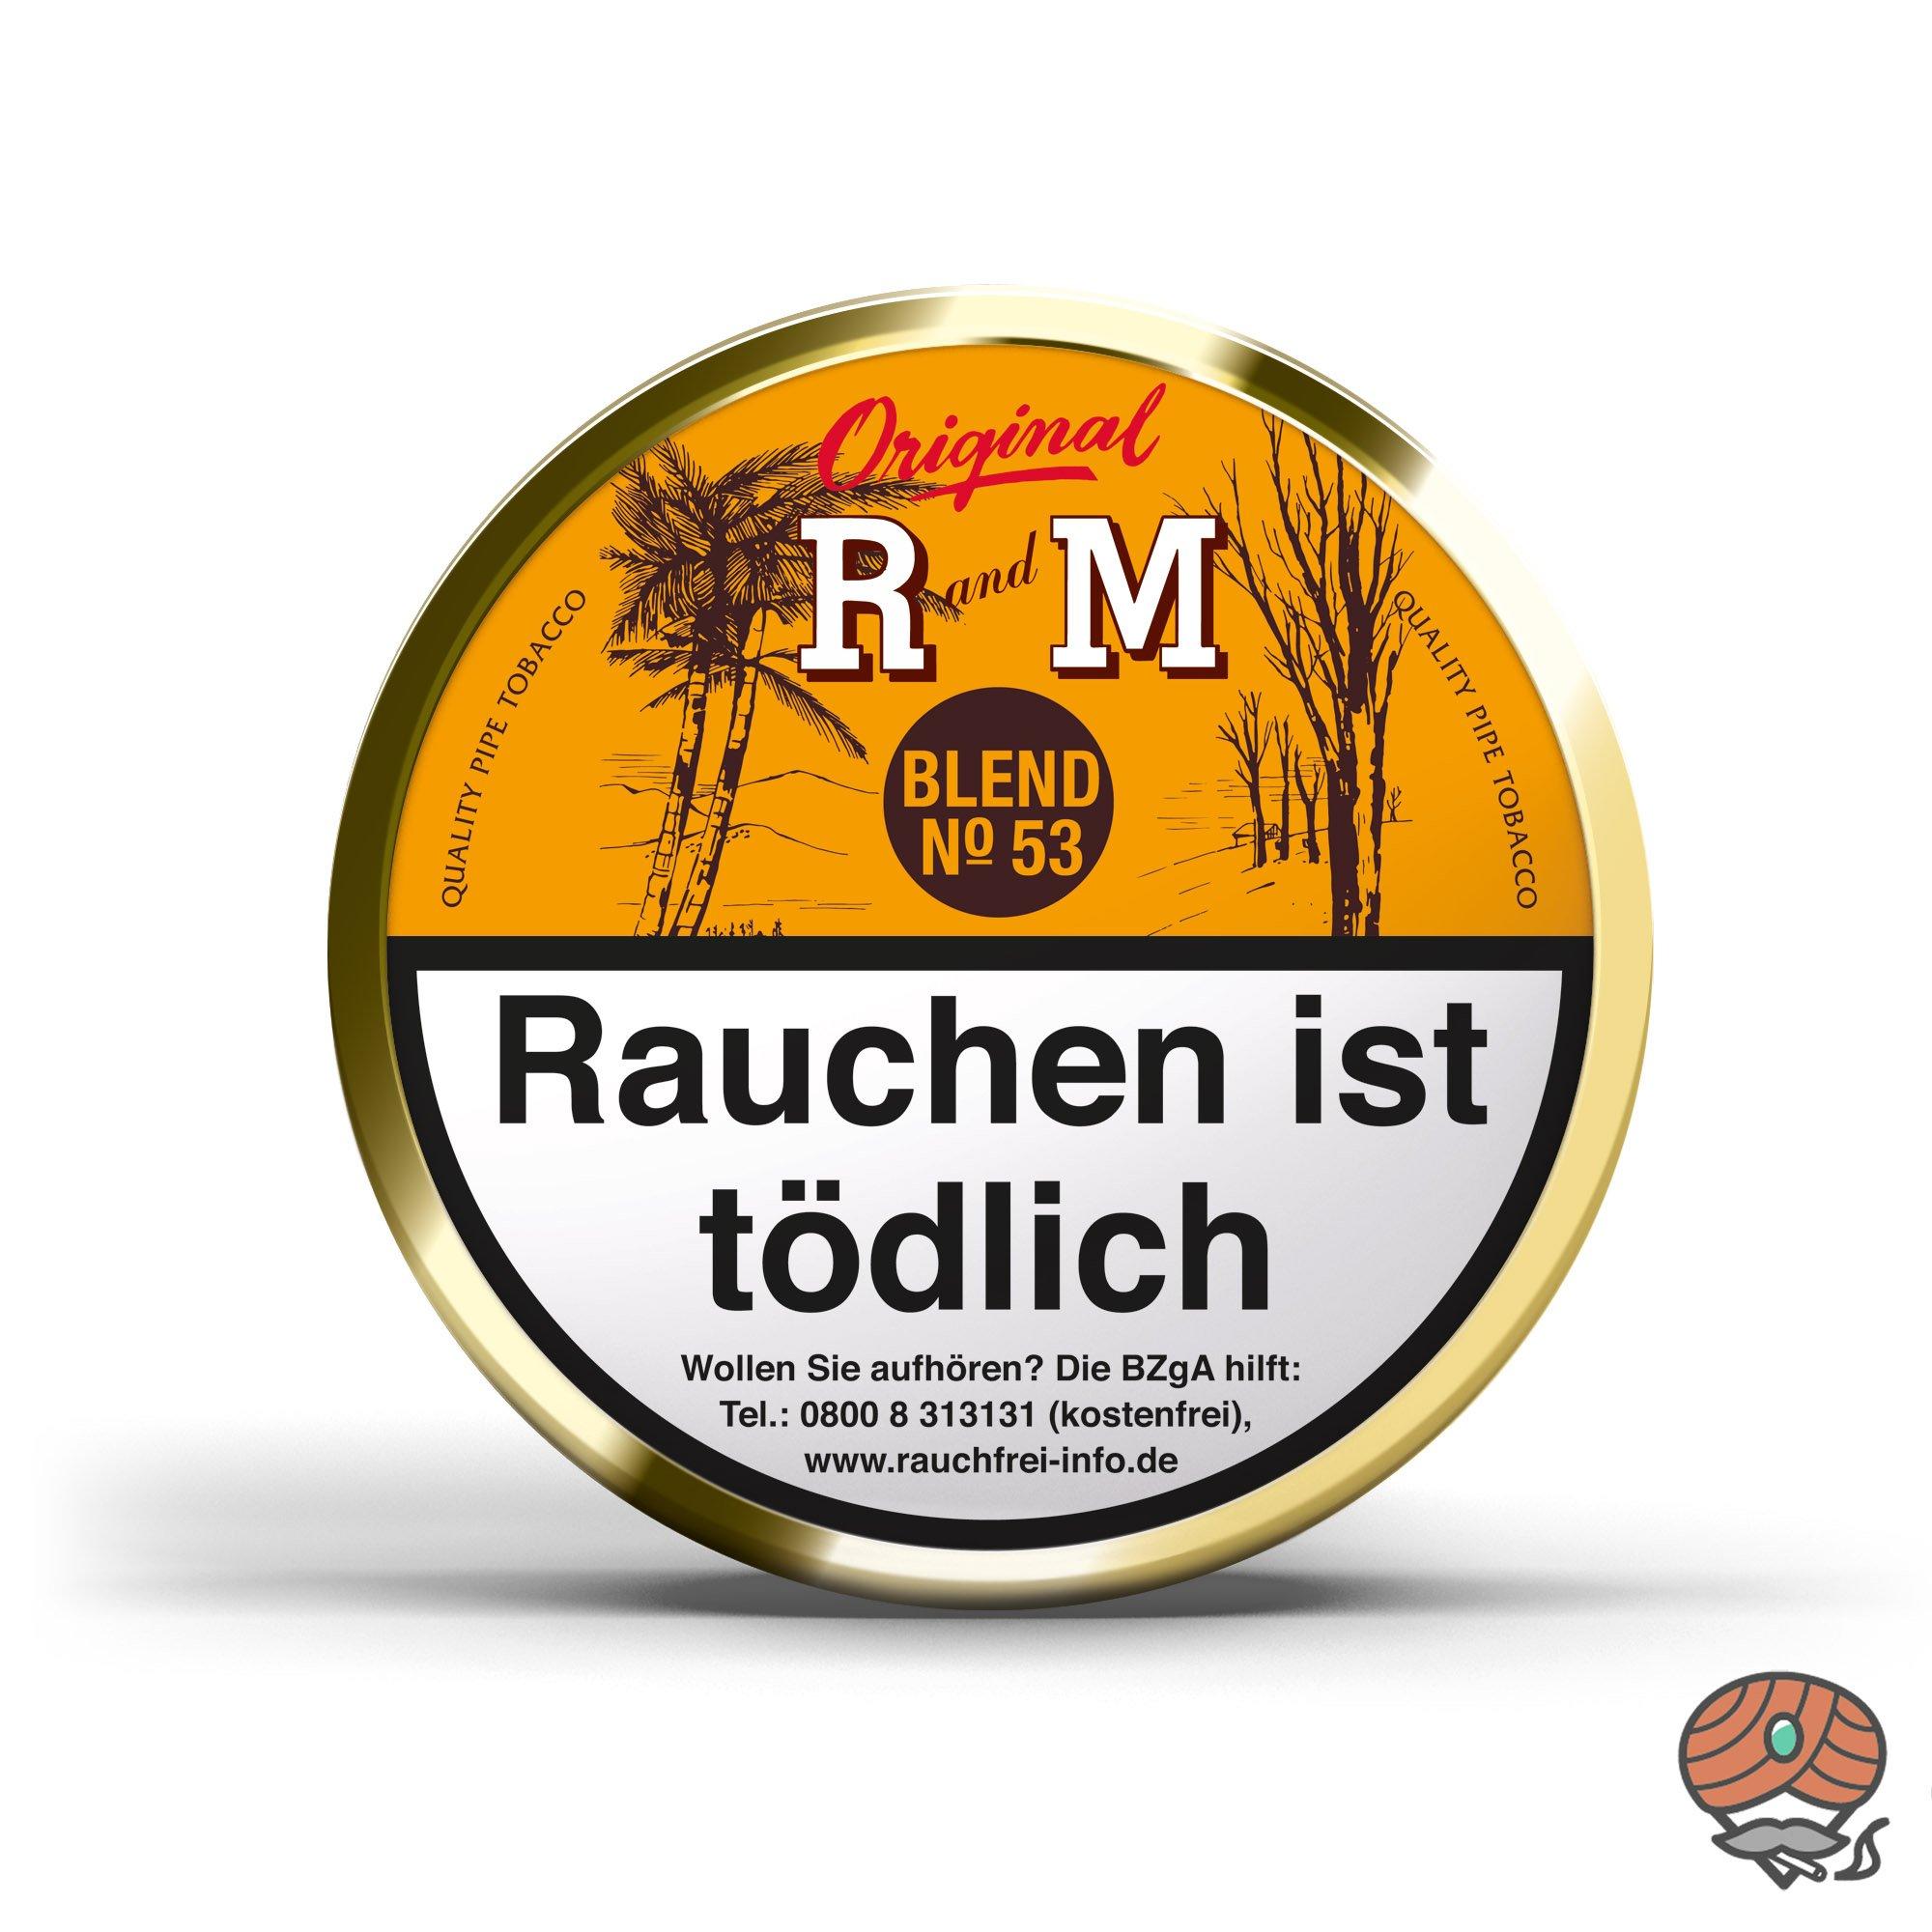 R und M (Rum and Maple) Original Blend No. 53 Pfeifentabak 100g Dose